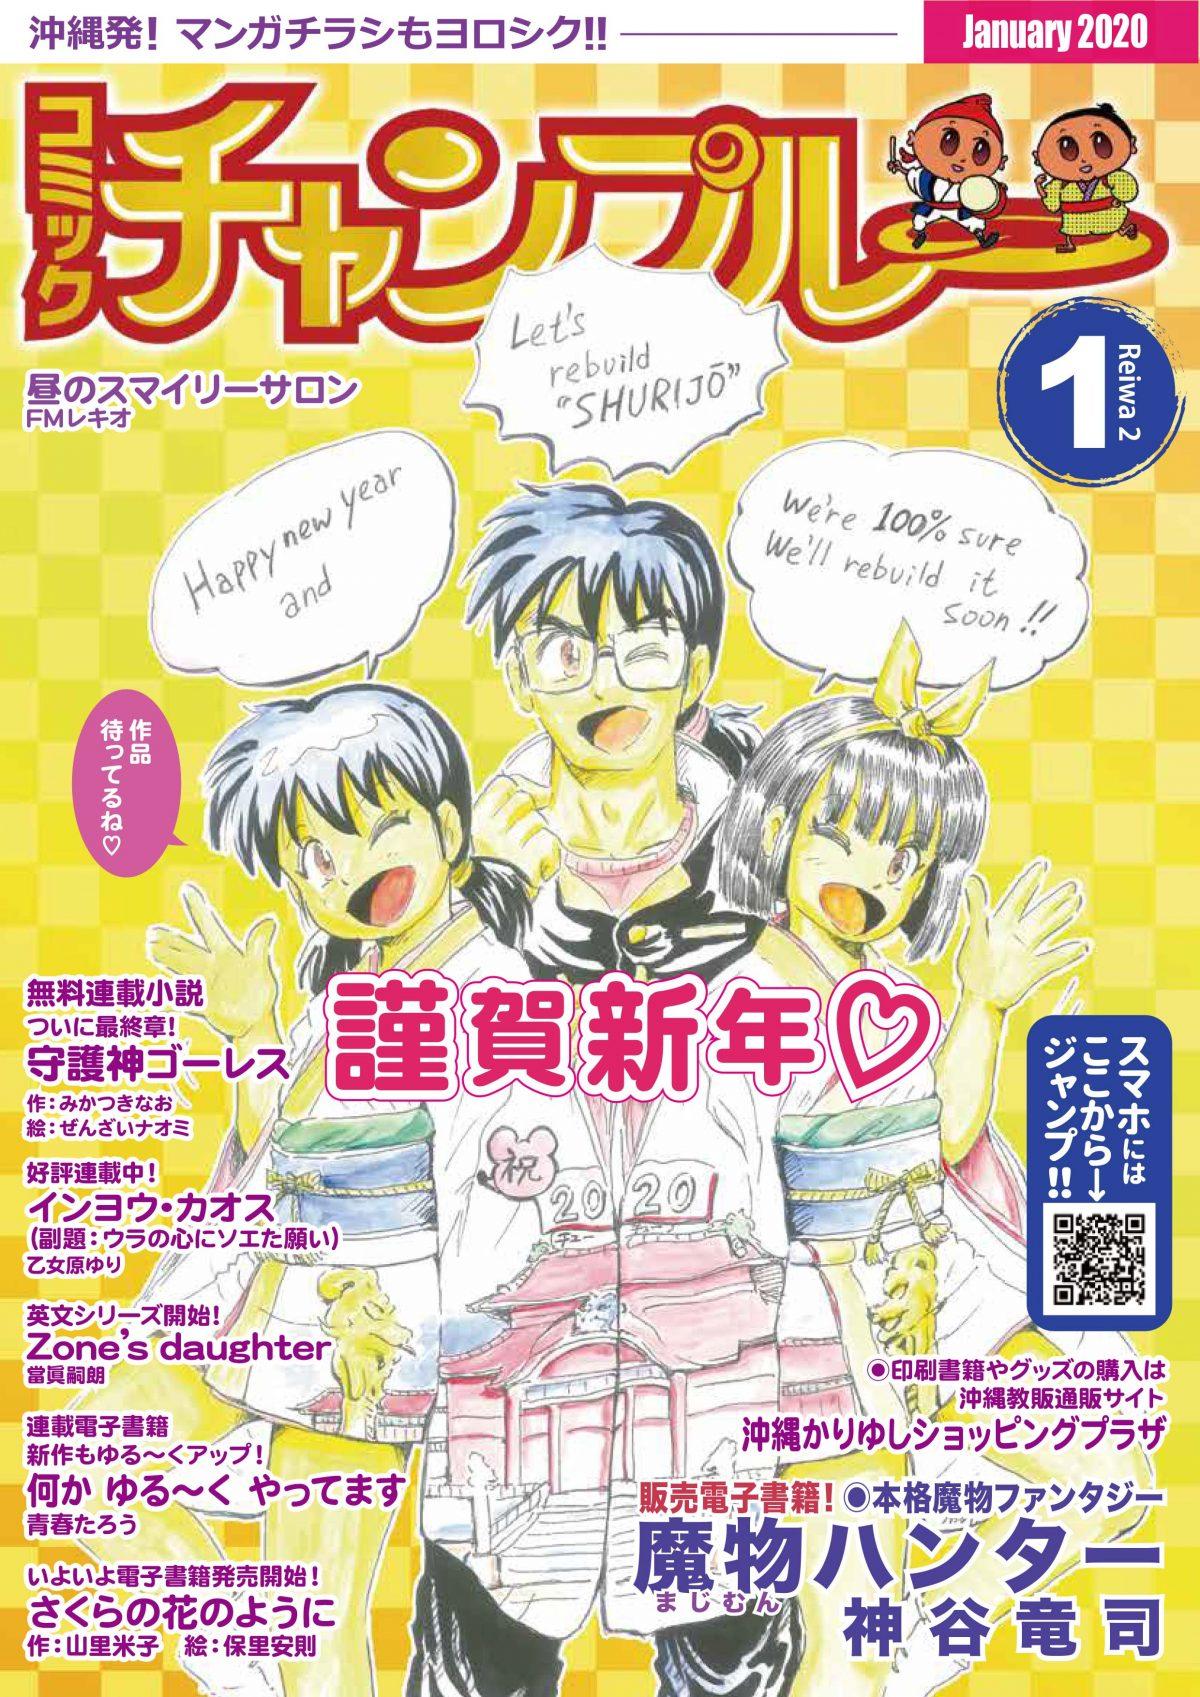 コミックチャンプルー 表紙更新しました! 1月です! 沖縄マンガチラシもよろしく!